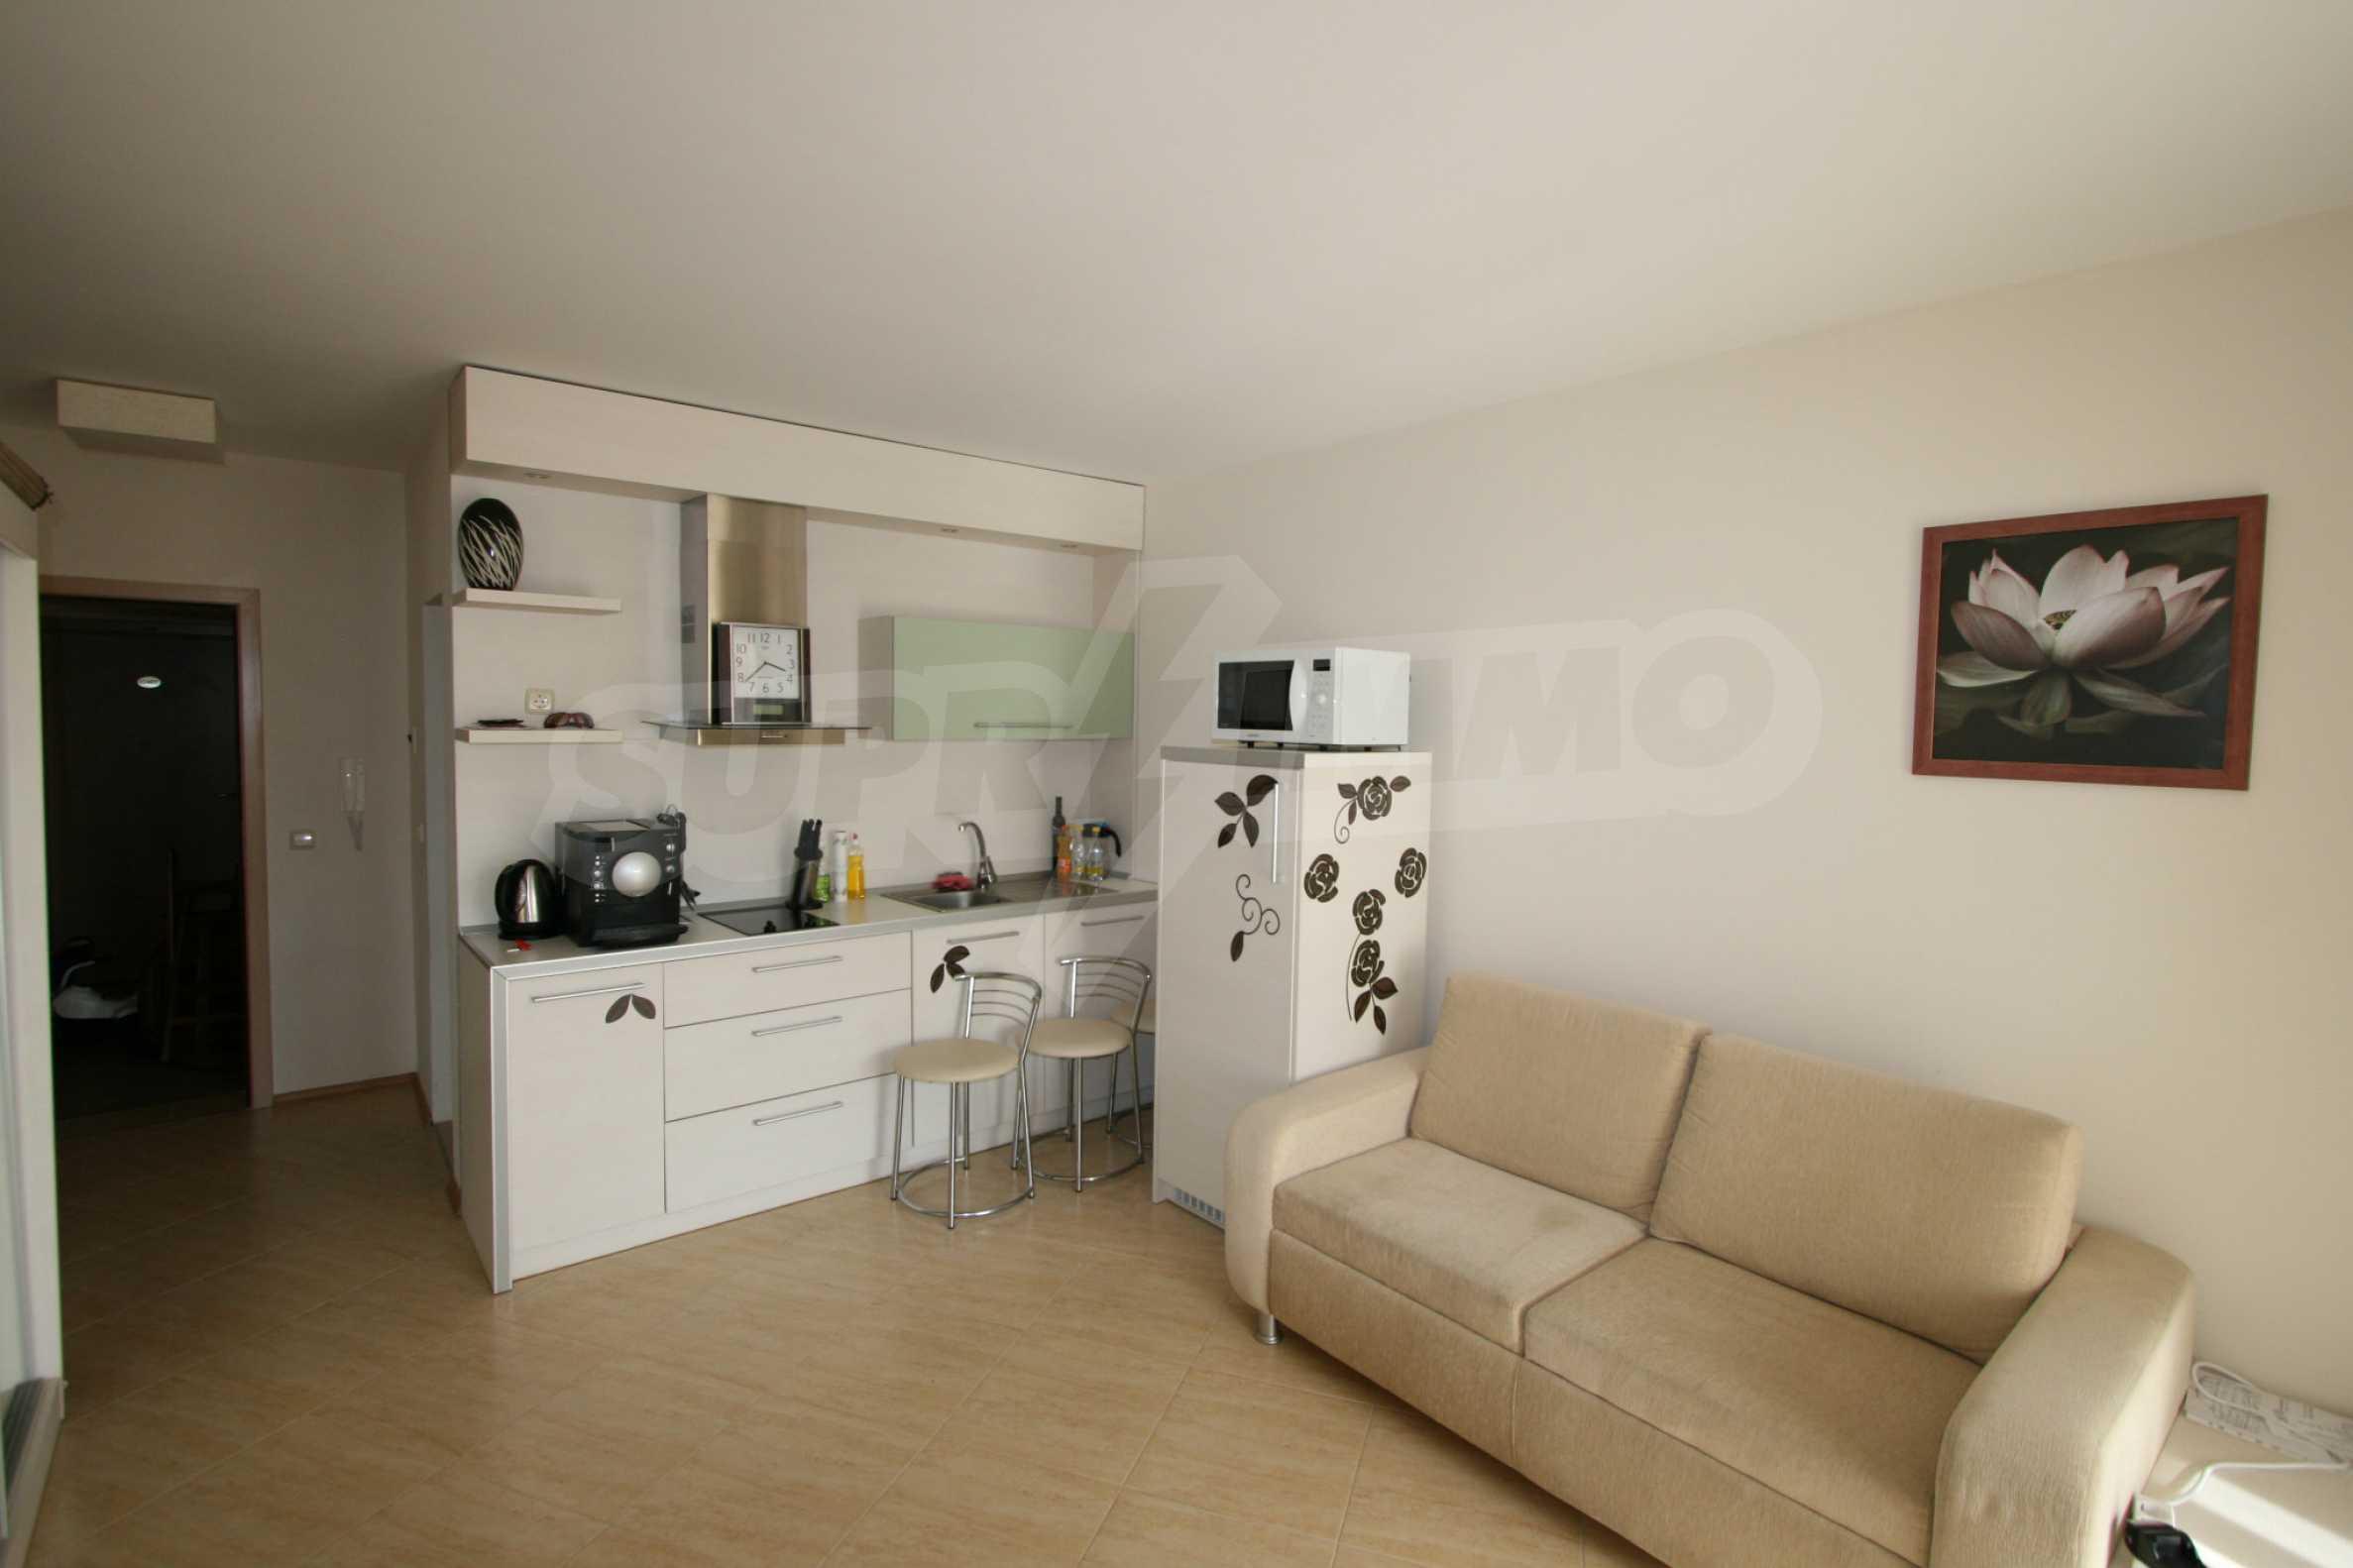 Studio zum Verkauf im Midia Grand Resort in Aheloy 7